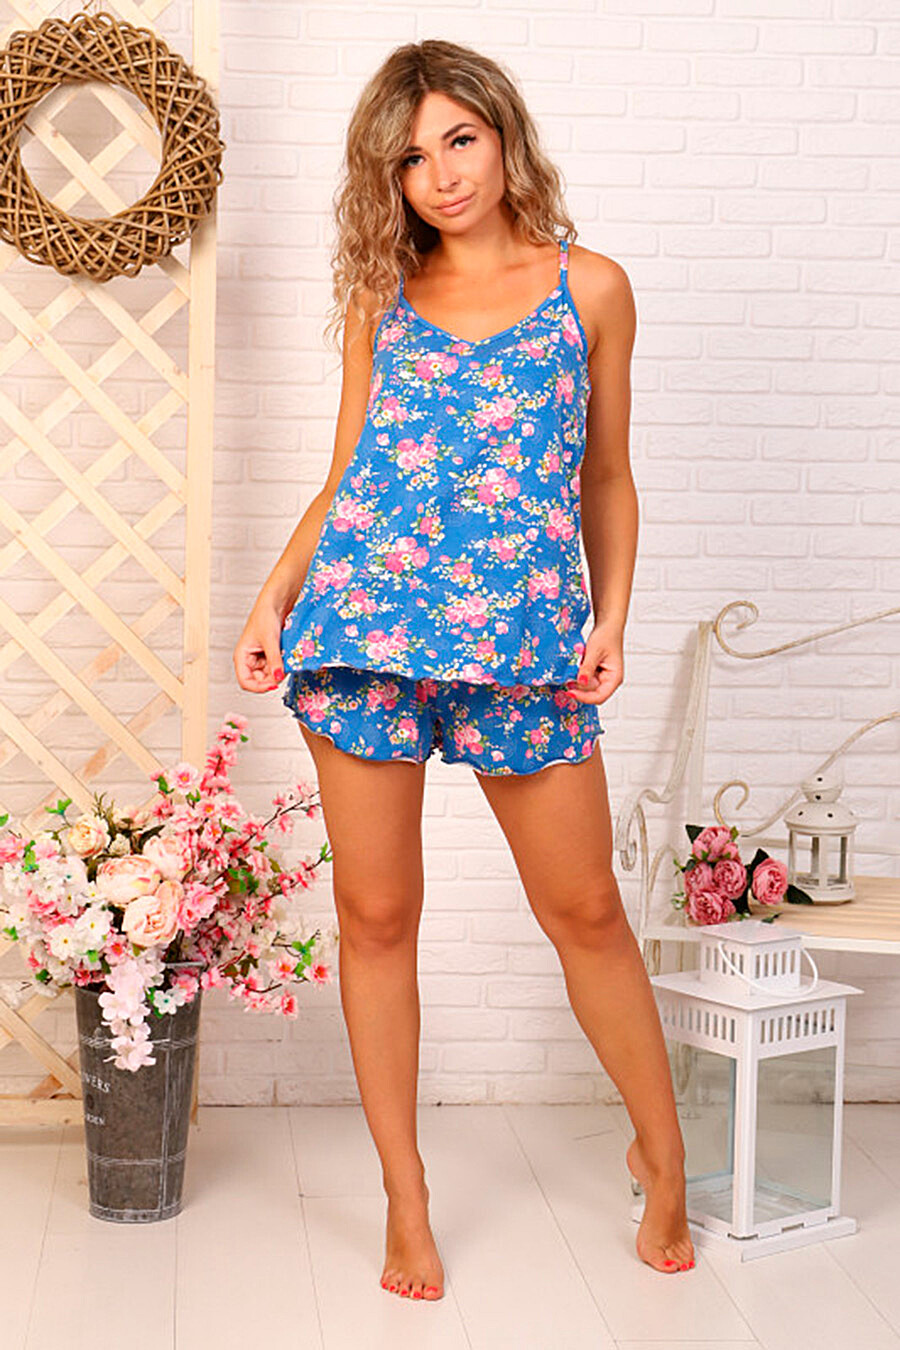 Костюм (Шорты+Топ) для женщин SOFIYA37 682275 купить оптом от производителя. Совместная покупка женской одежды в OptMoyo